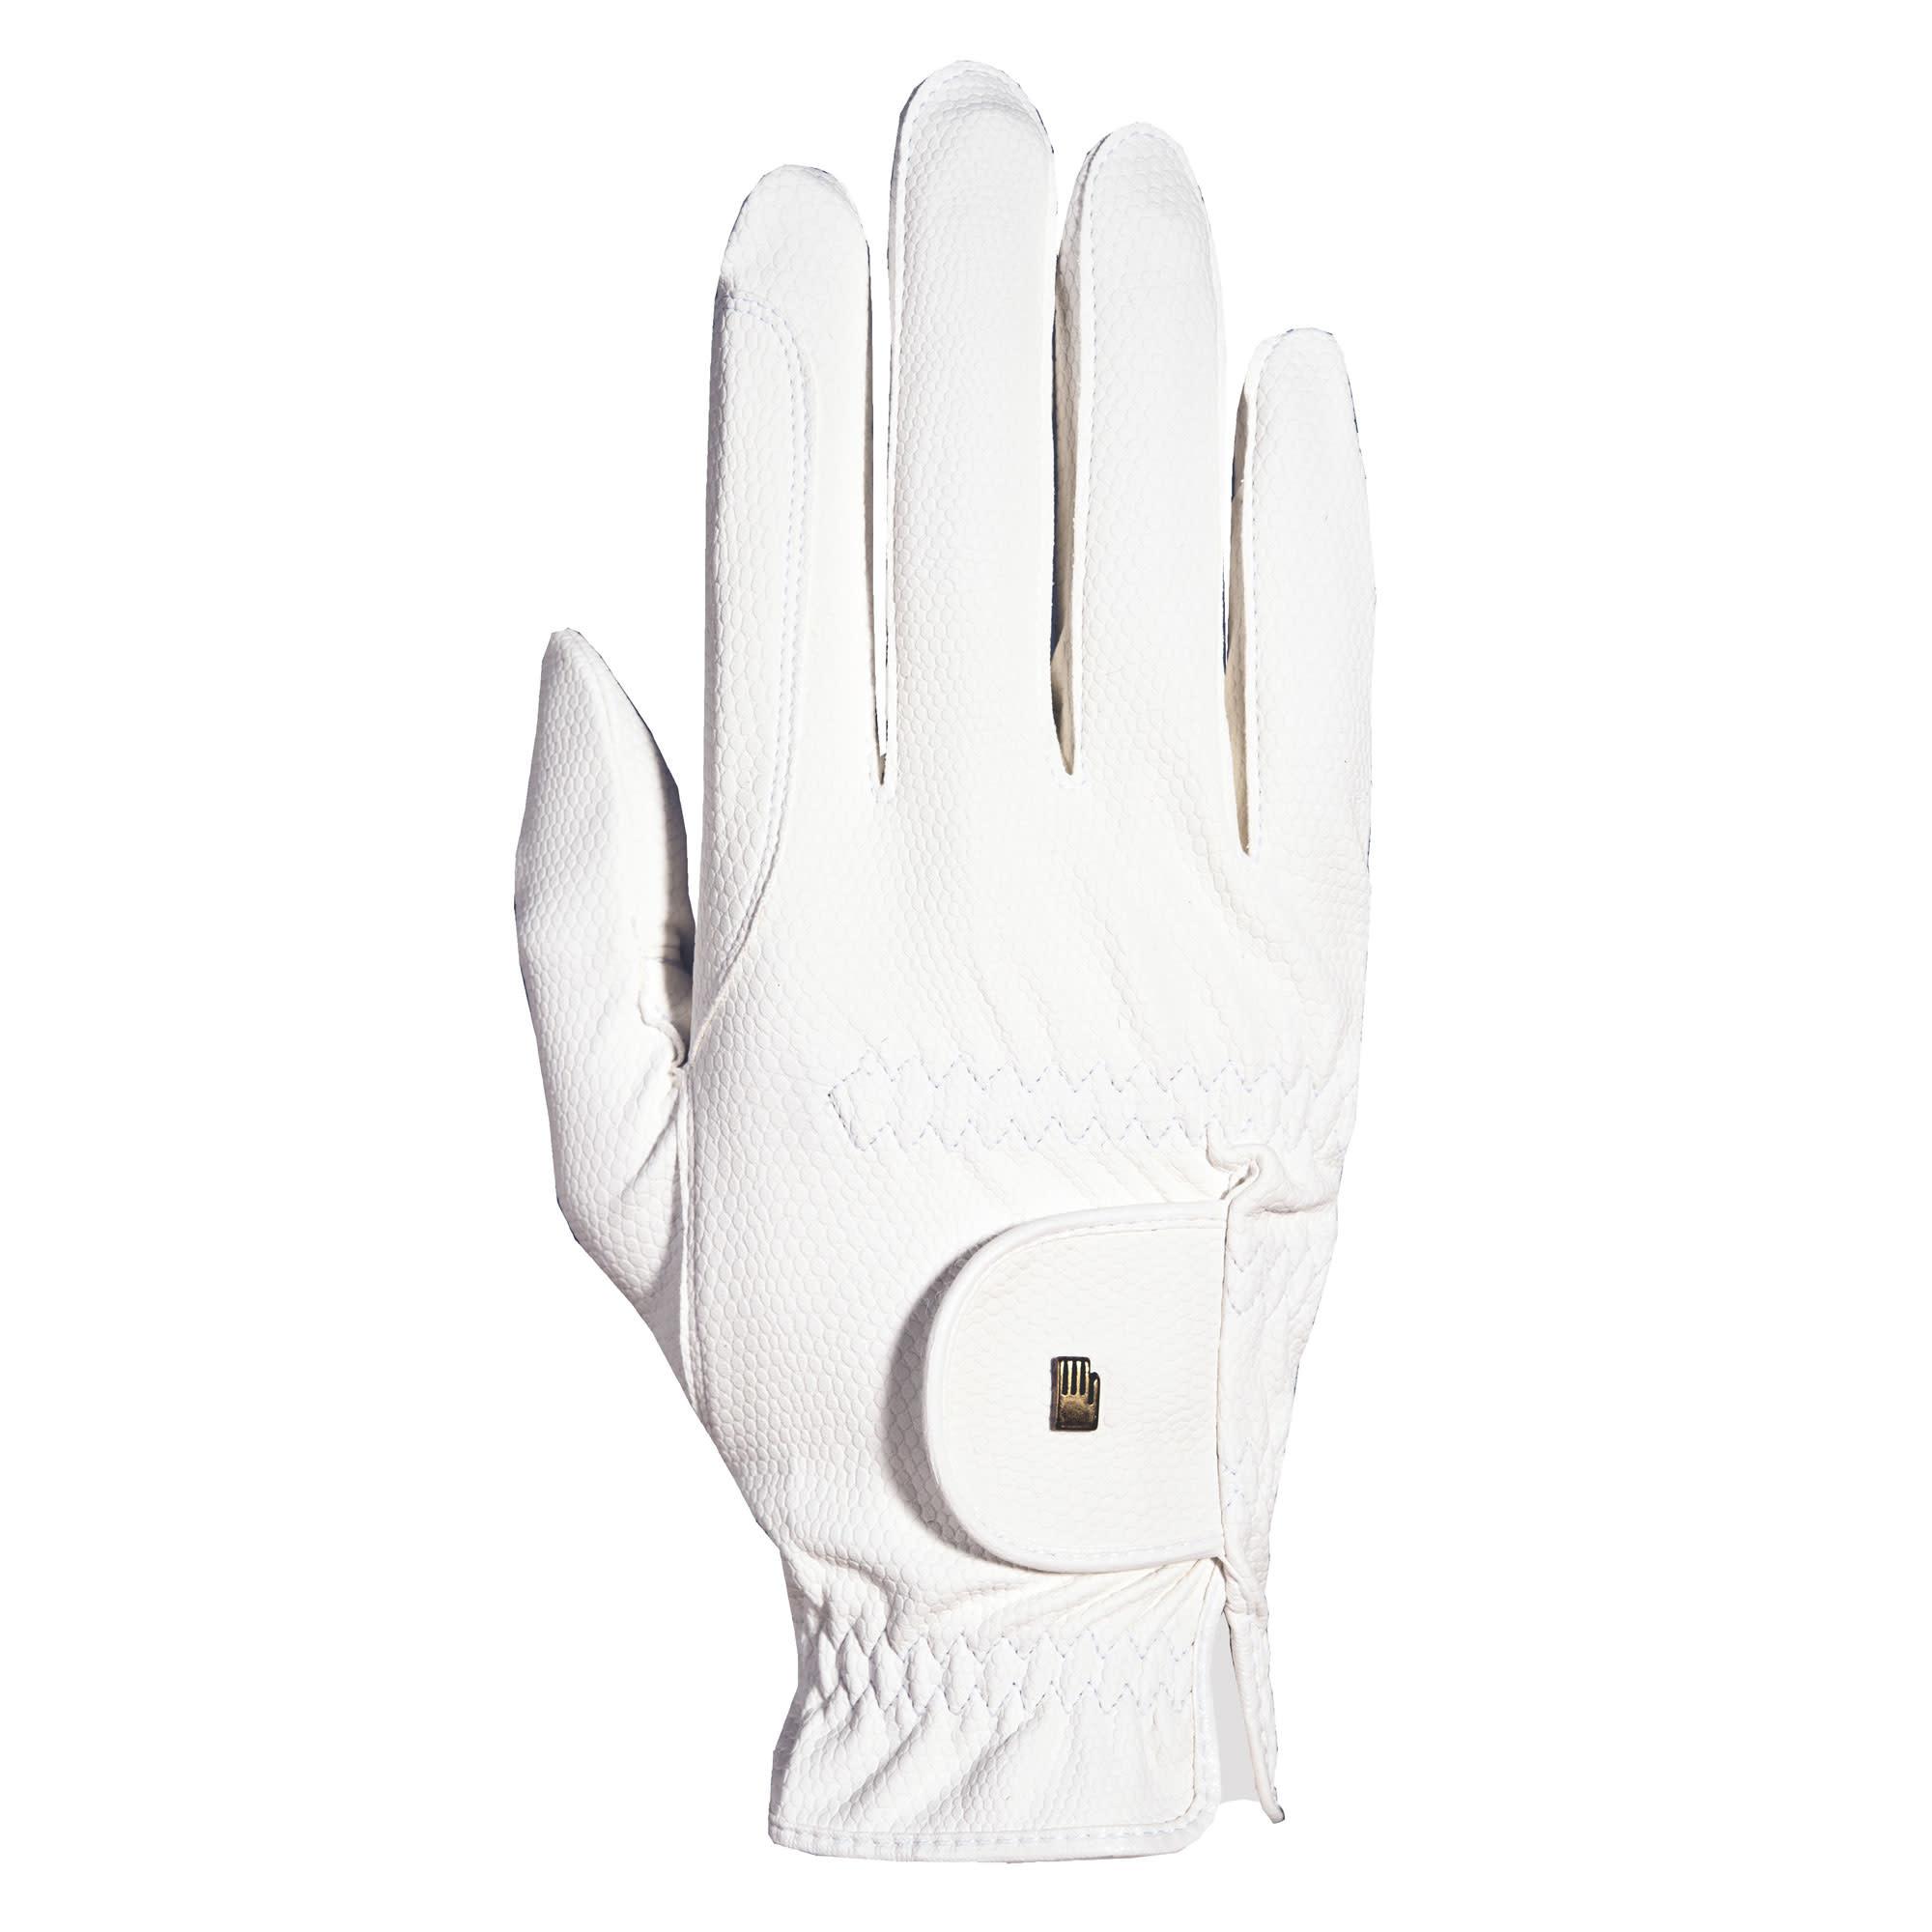 Roeckl Roeckl Roeck-Grip Unisex Glove